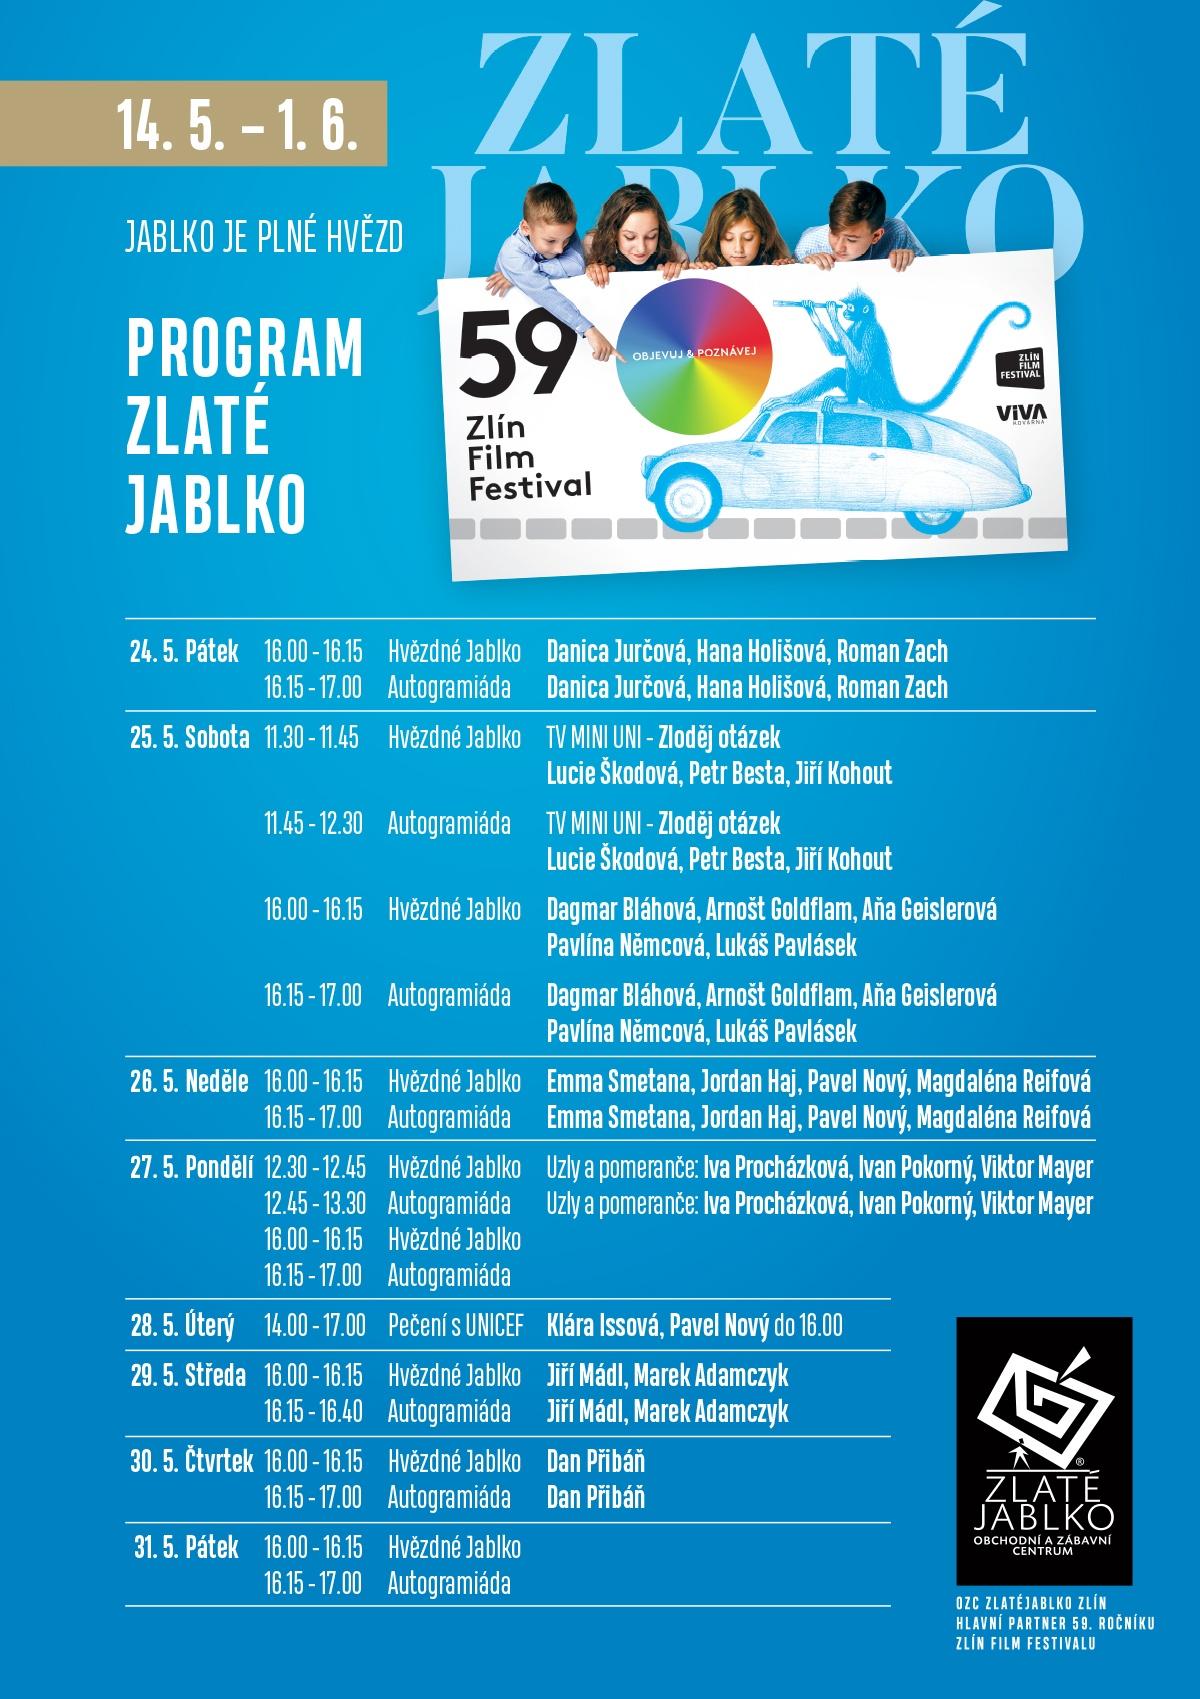 1ed2200d7 59. Zlín Film Festival a doprovodný program ve Zlatém jablku